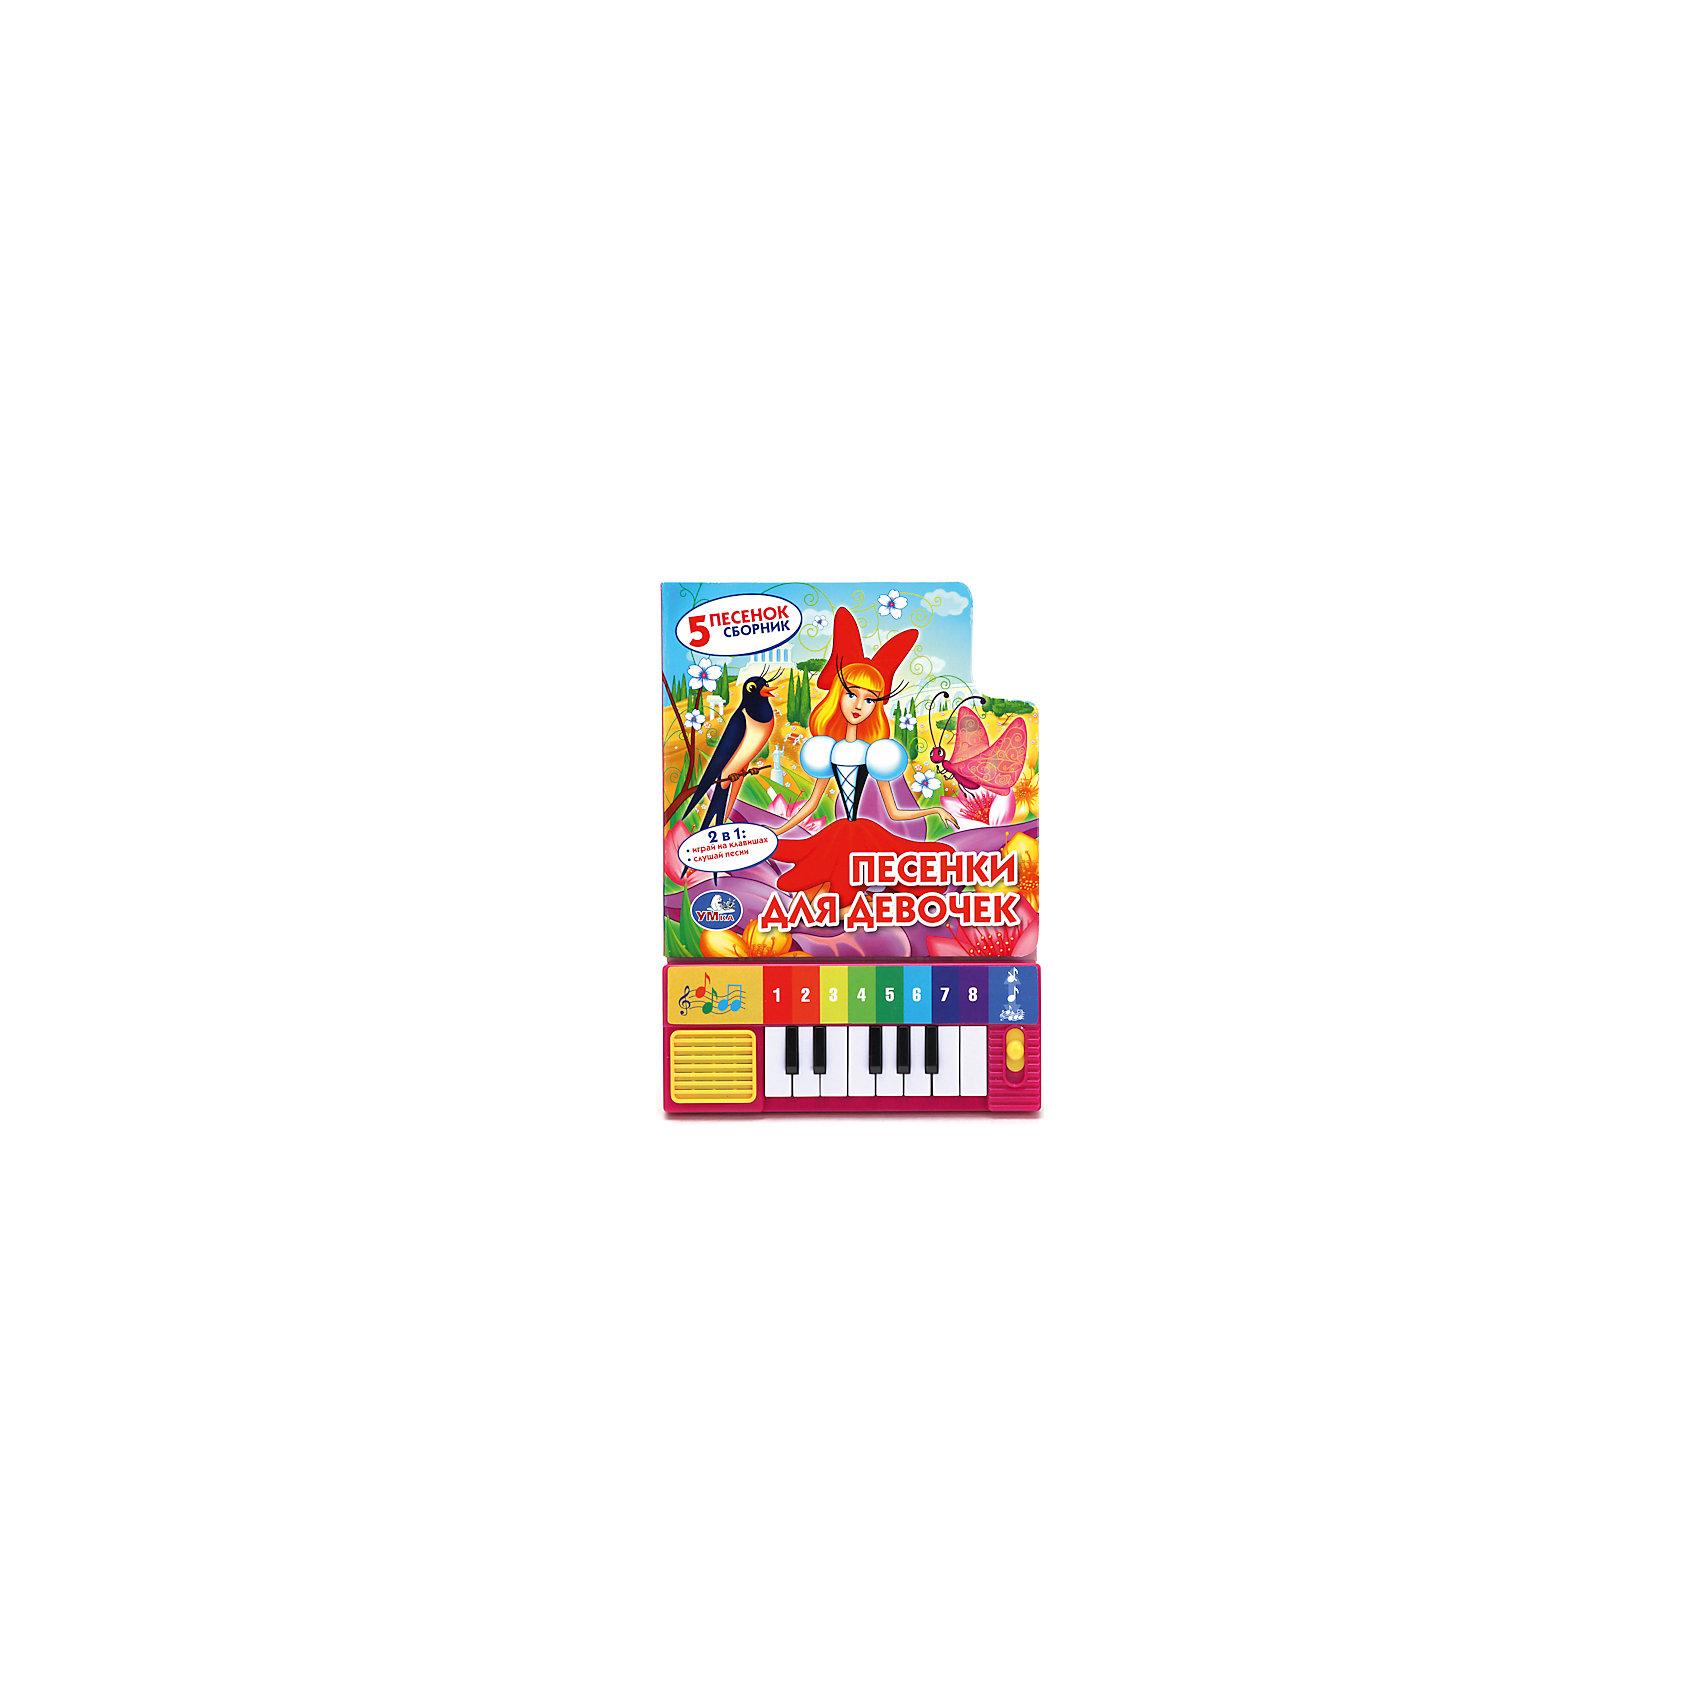 Книга-пианино Песенки для девочек, СоюзмультфильмЗамечательна книга-пианино приведет в восторг всех малышей девочек! Можно рассматривать яркие картинки или же послушать веселые добрые песенки. Кроме того, кроха может проиграть на клавишах самостоятельно, переключив режим пианино. На каждой странице книги представлен текст песенки (вся песенка или ее часть) с разноцветными нотками, которые соответствуют цвету клавиш пианино.<br><br>Дополнительная информация:<br><br>- Формат: 14,3х20,2 см.<br>- Переплет: картон.<br>- Количество страниц: 10.<br>- Иллюстрации: цветные.<br>-Элемент питания: 2 батарейки ААА (в комплекте).<br>- 8 клавиш.<br><br>Книгу-пианино Песенки для девочек, Союзмультфильм, можно купить в нашем магазине.<br><br>Ширина мм: 150<br>Глубина мм: 200<br>Высота мм: 20<br>Вес г: 280<br>Возраст от месяцев: 12<br>Возраст до месяцев: 60<br>Пол: Женский<br>Возраст: Детский<br>SKU: 4053330